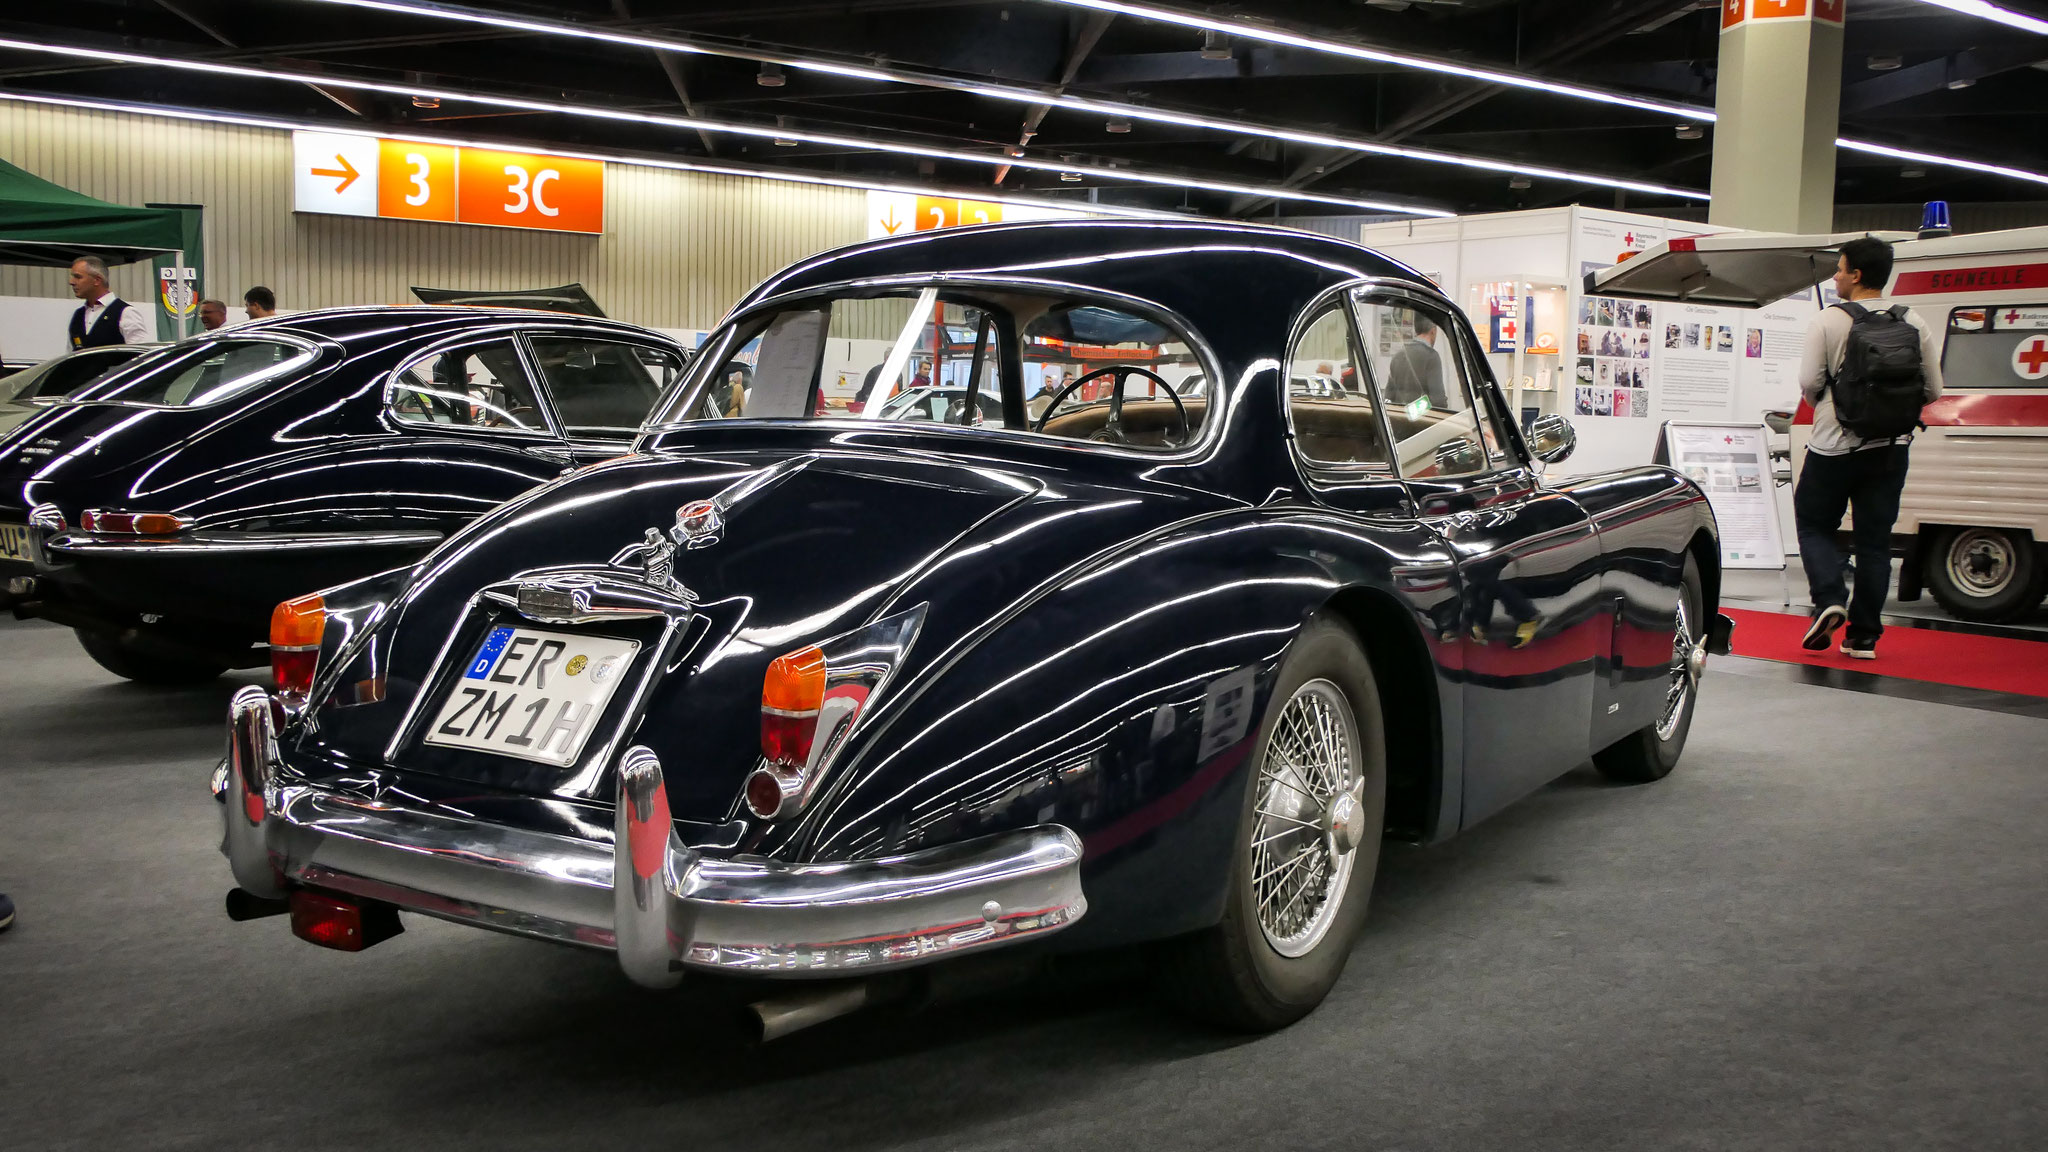 Jaguar XK 150 - ER-ZM-1H